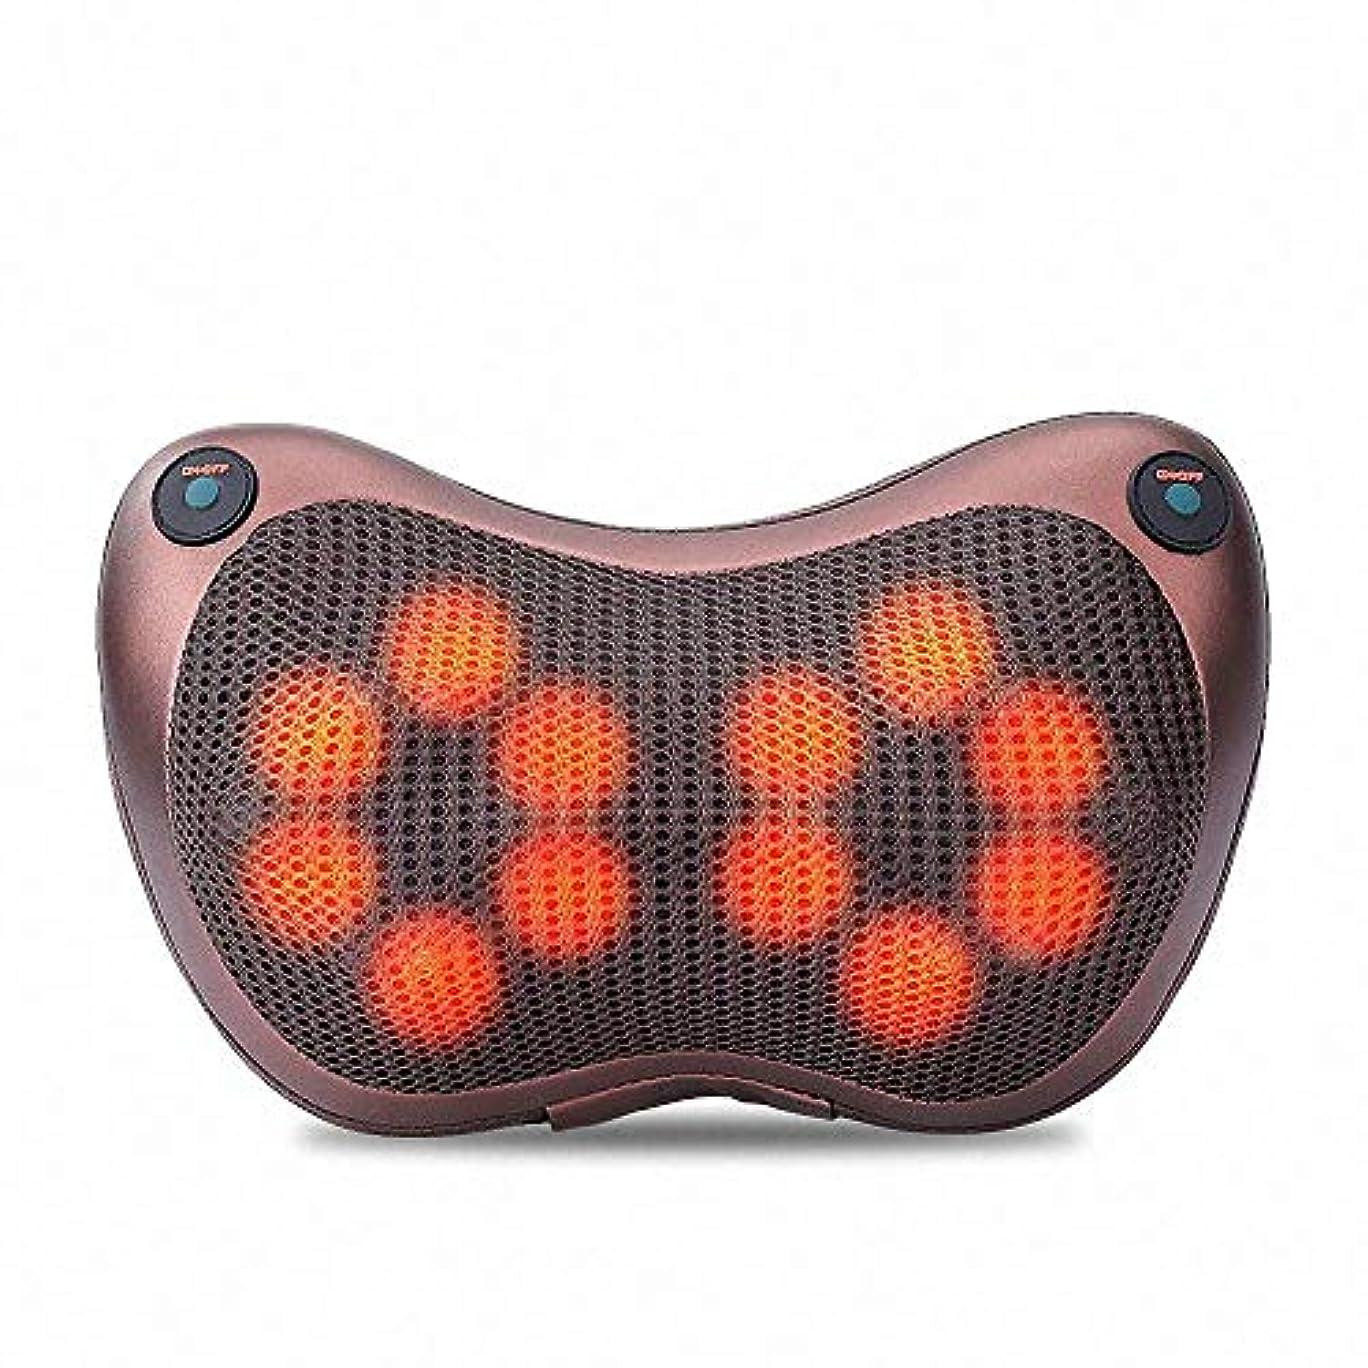 導出歯科のパラナ川12球マッサージ枕3D肩首マッサージャー正転&反転電動 赤外線療法ストレス解消マッサージクッション